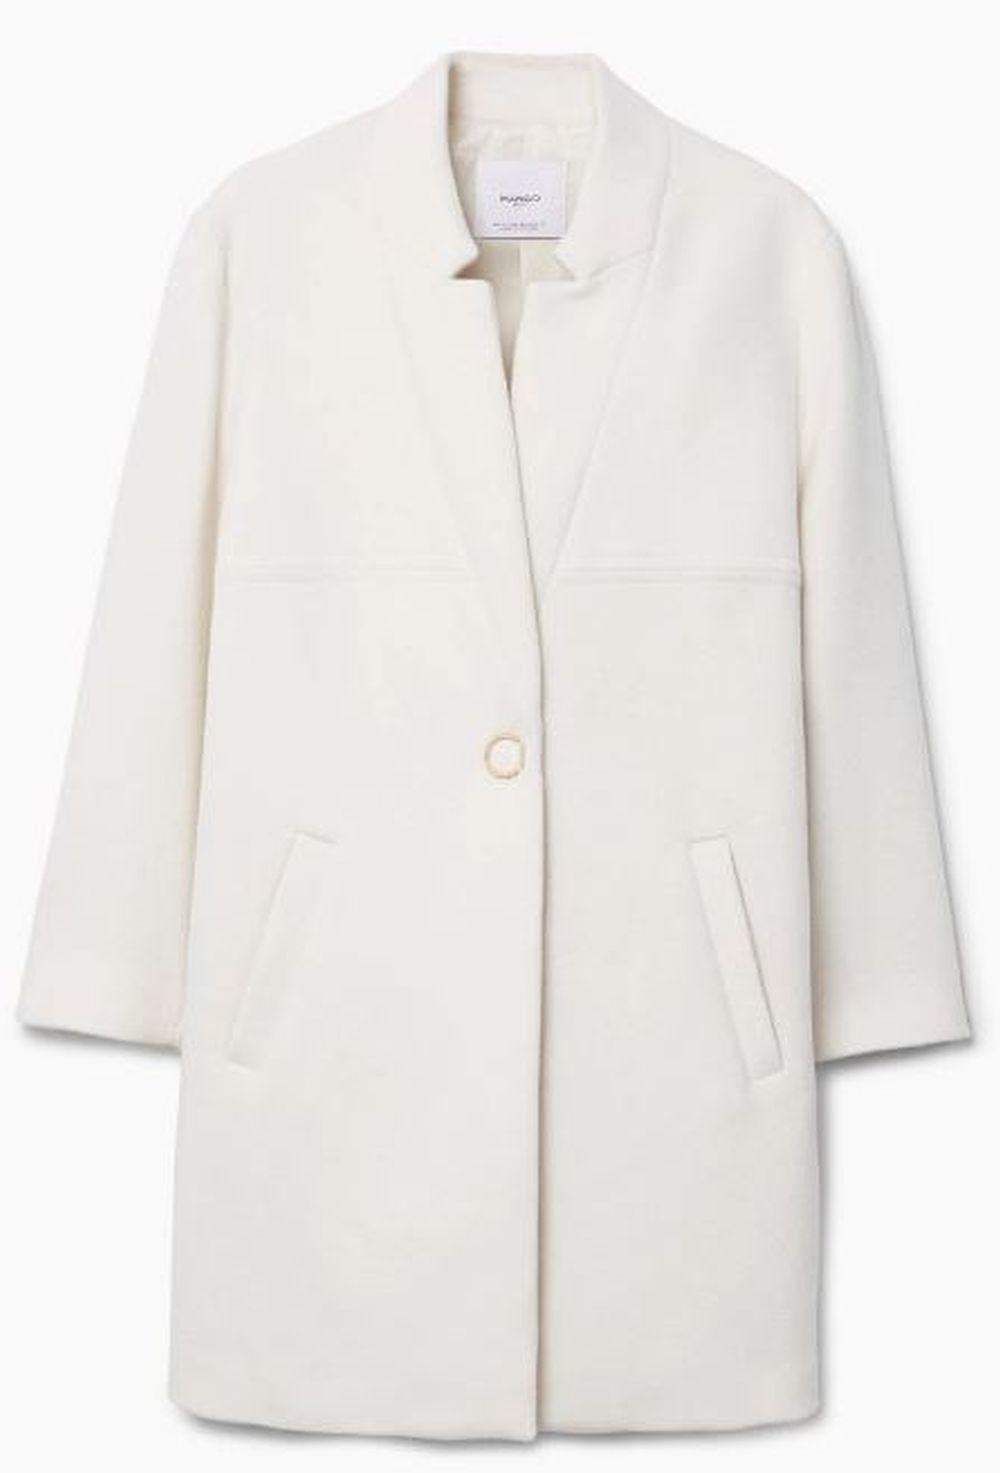 Abrigo blanco de Mango (79,99 euros)